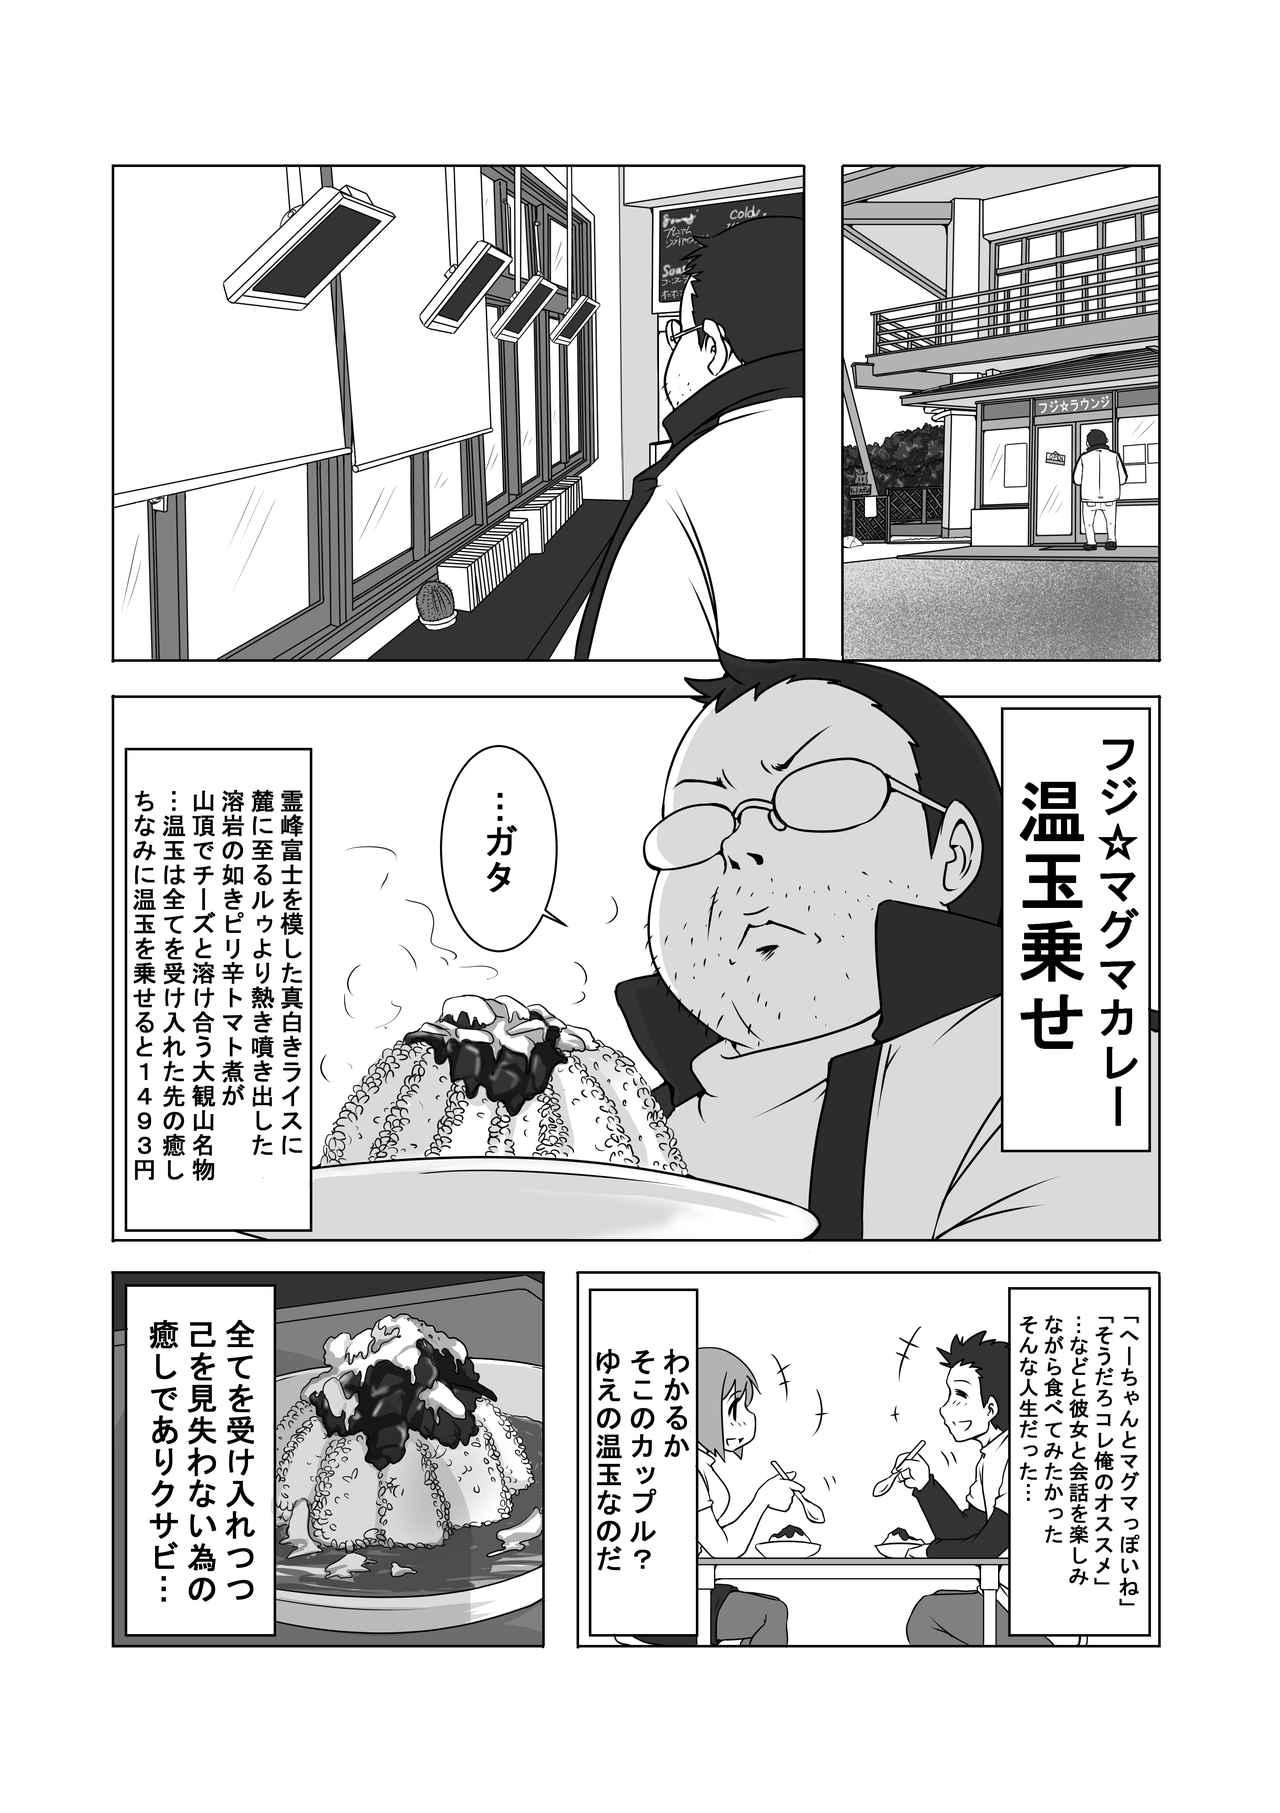 画像1: 『バイク擬人化菌書』連載:モテ期!?(第2話 オッサン・ミーツ・ガール!?) 作:鈴木秀吉